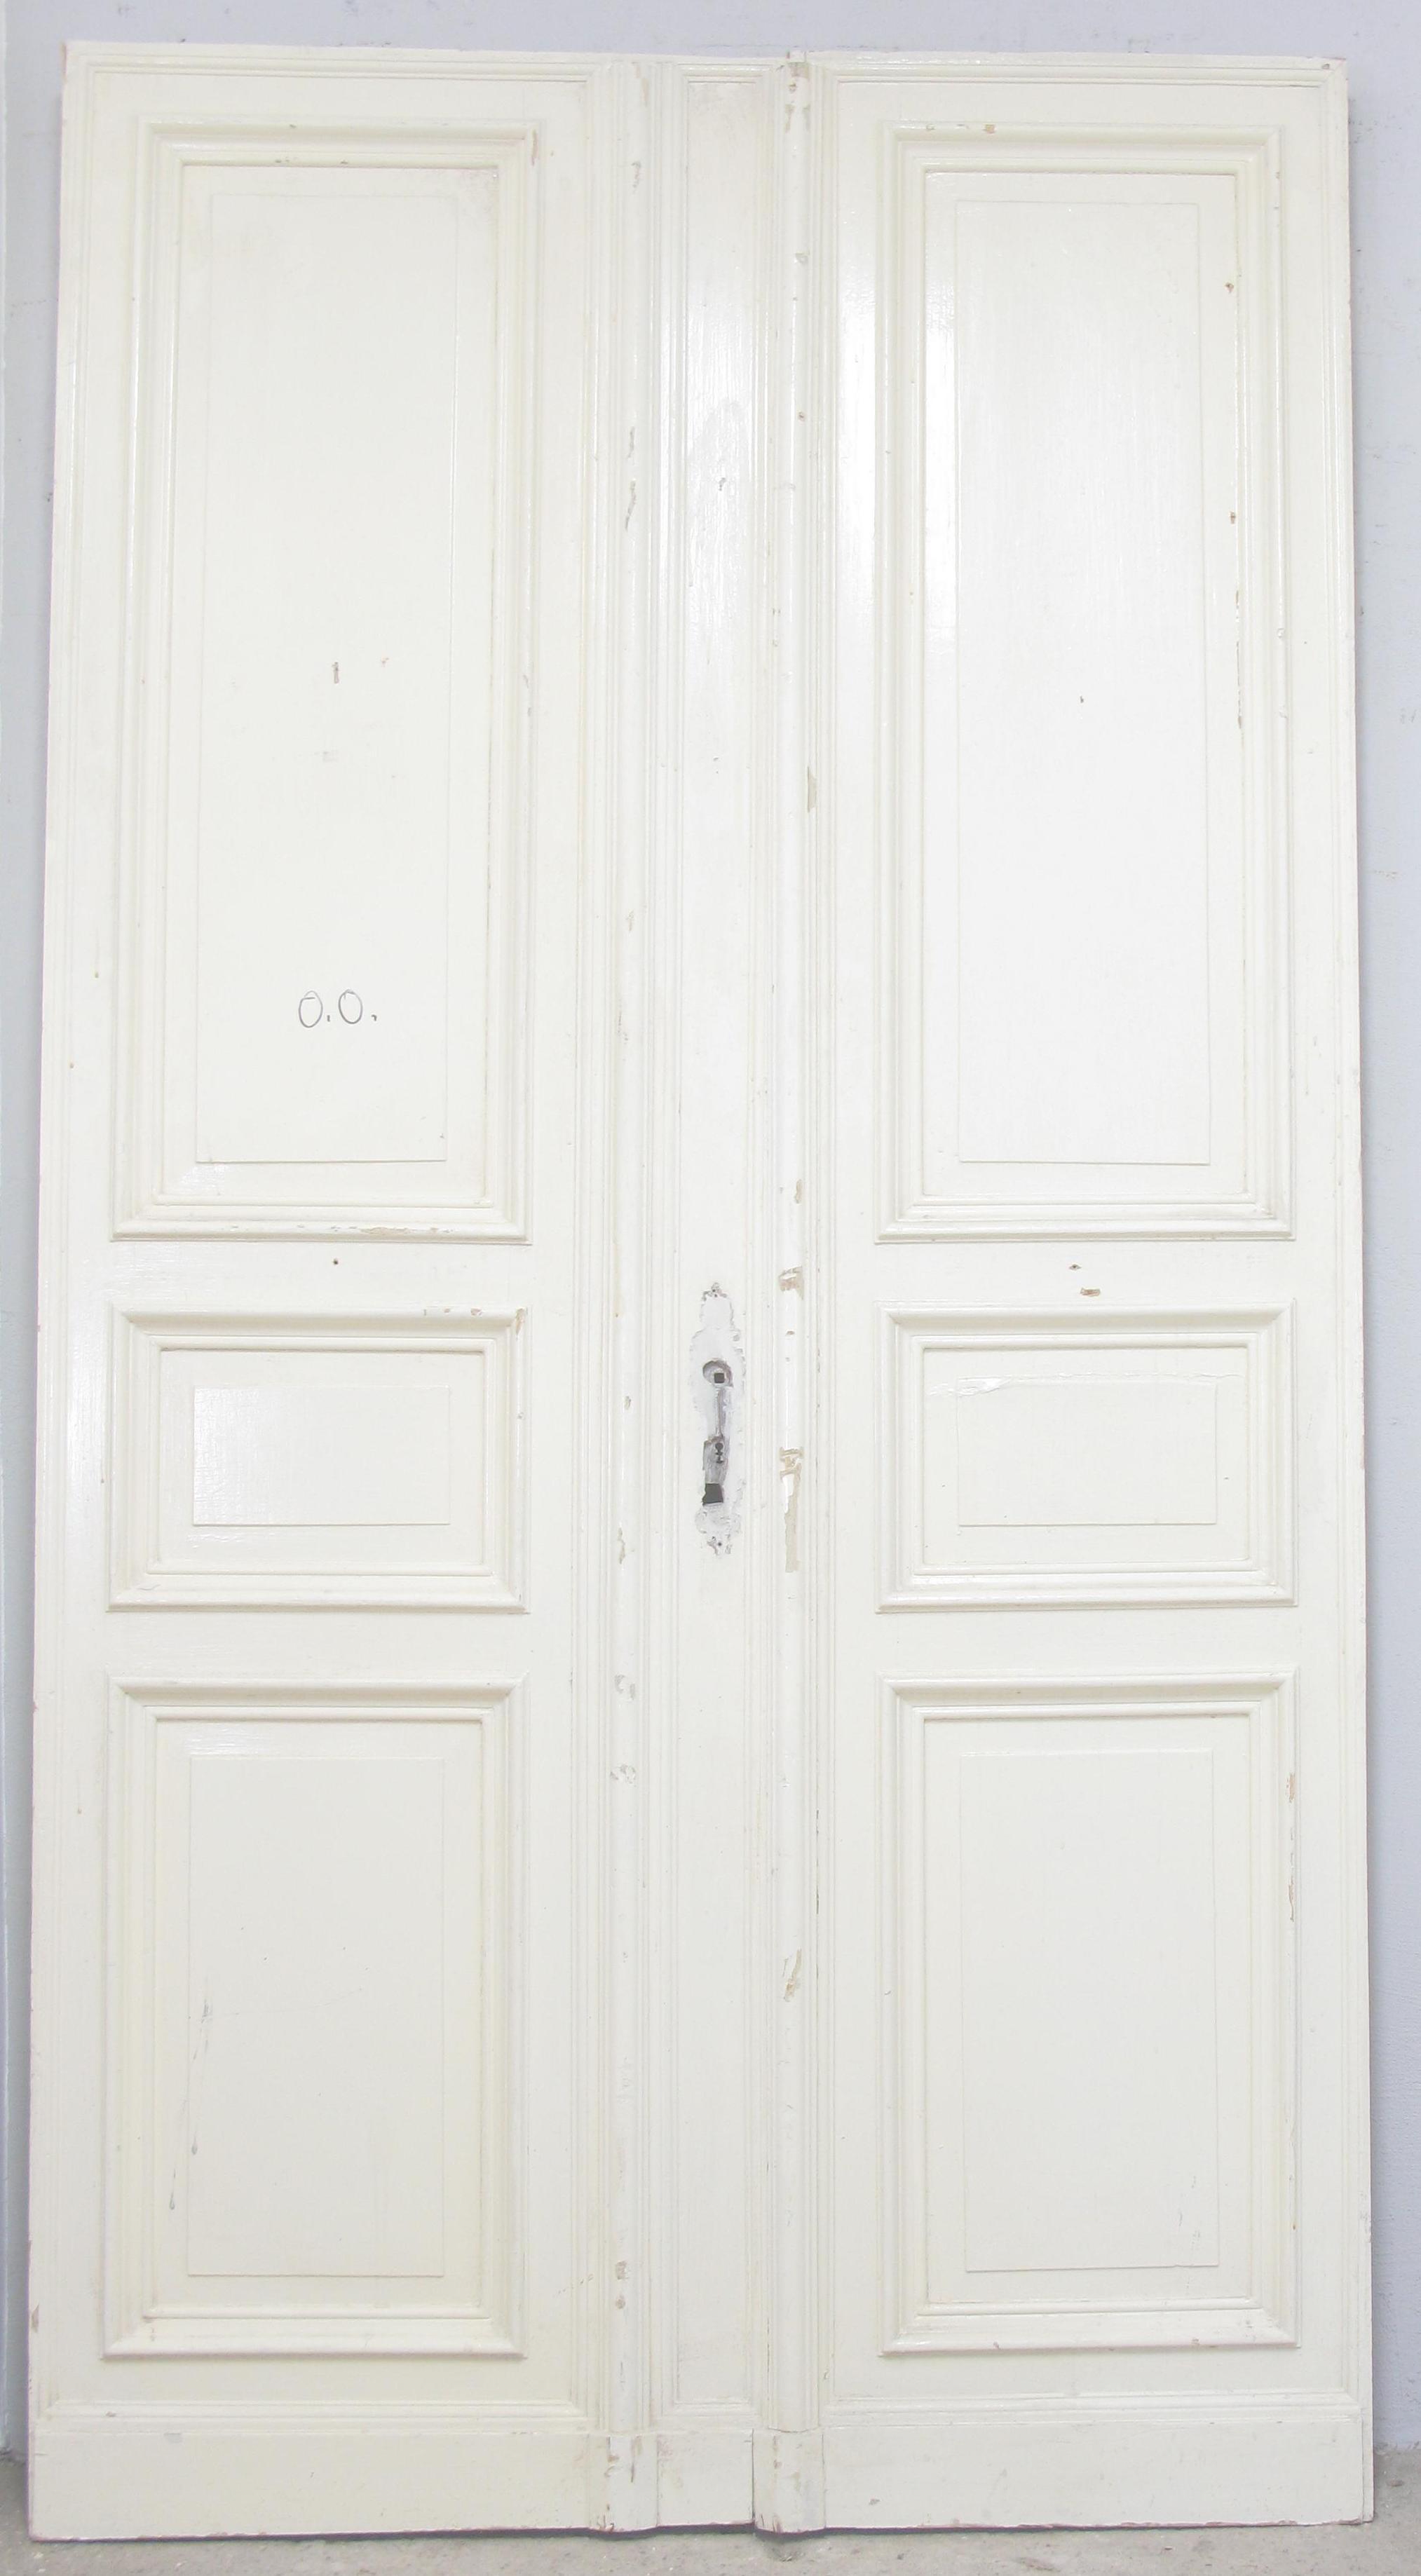 zimmert r gr nderzeit doppelfl gel mit rahmen historische bauelemente jetzt online bestellen. Black Bedroom Furniture Sets. Home Design Ideas